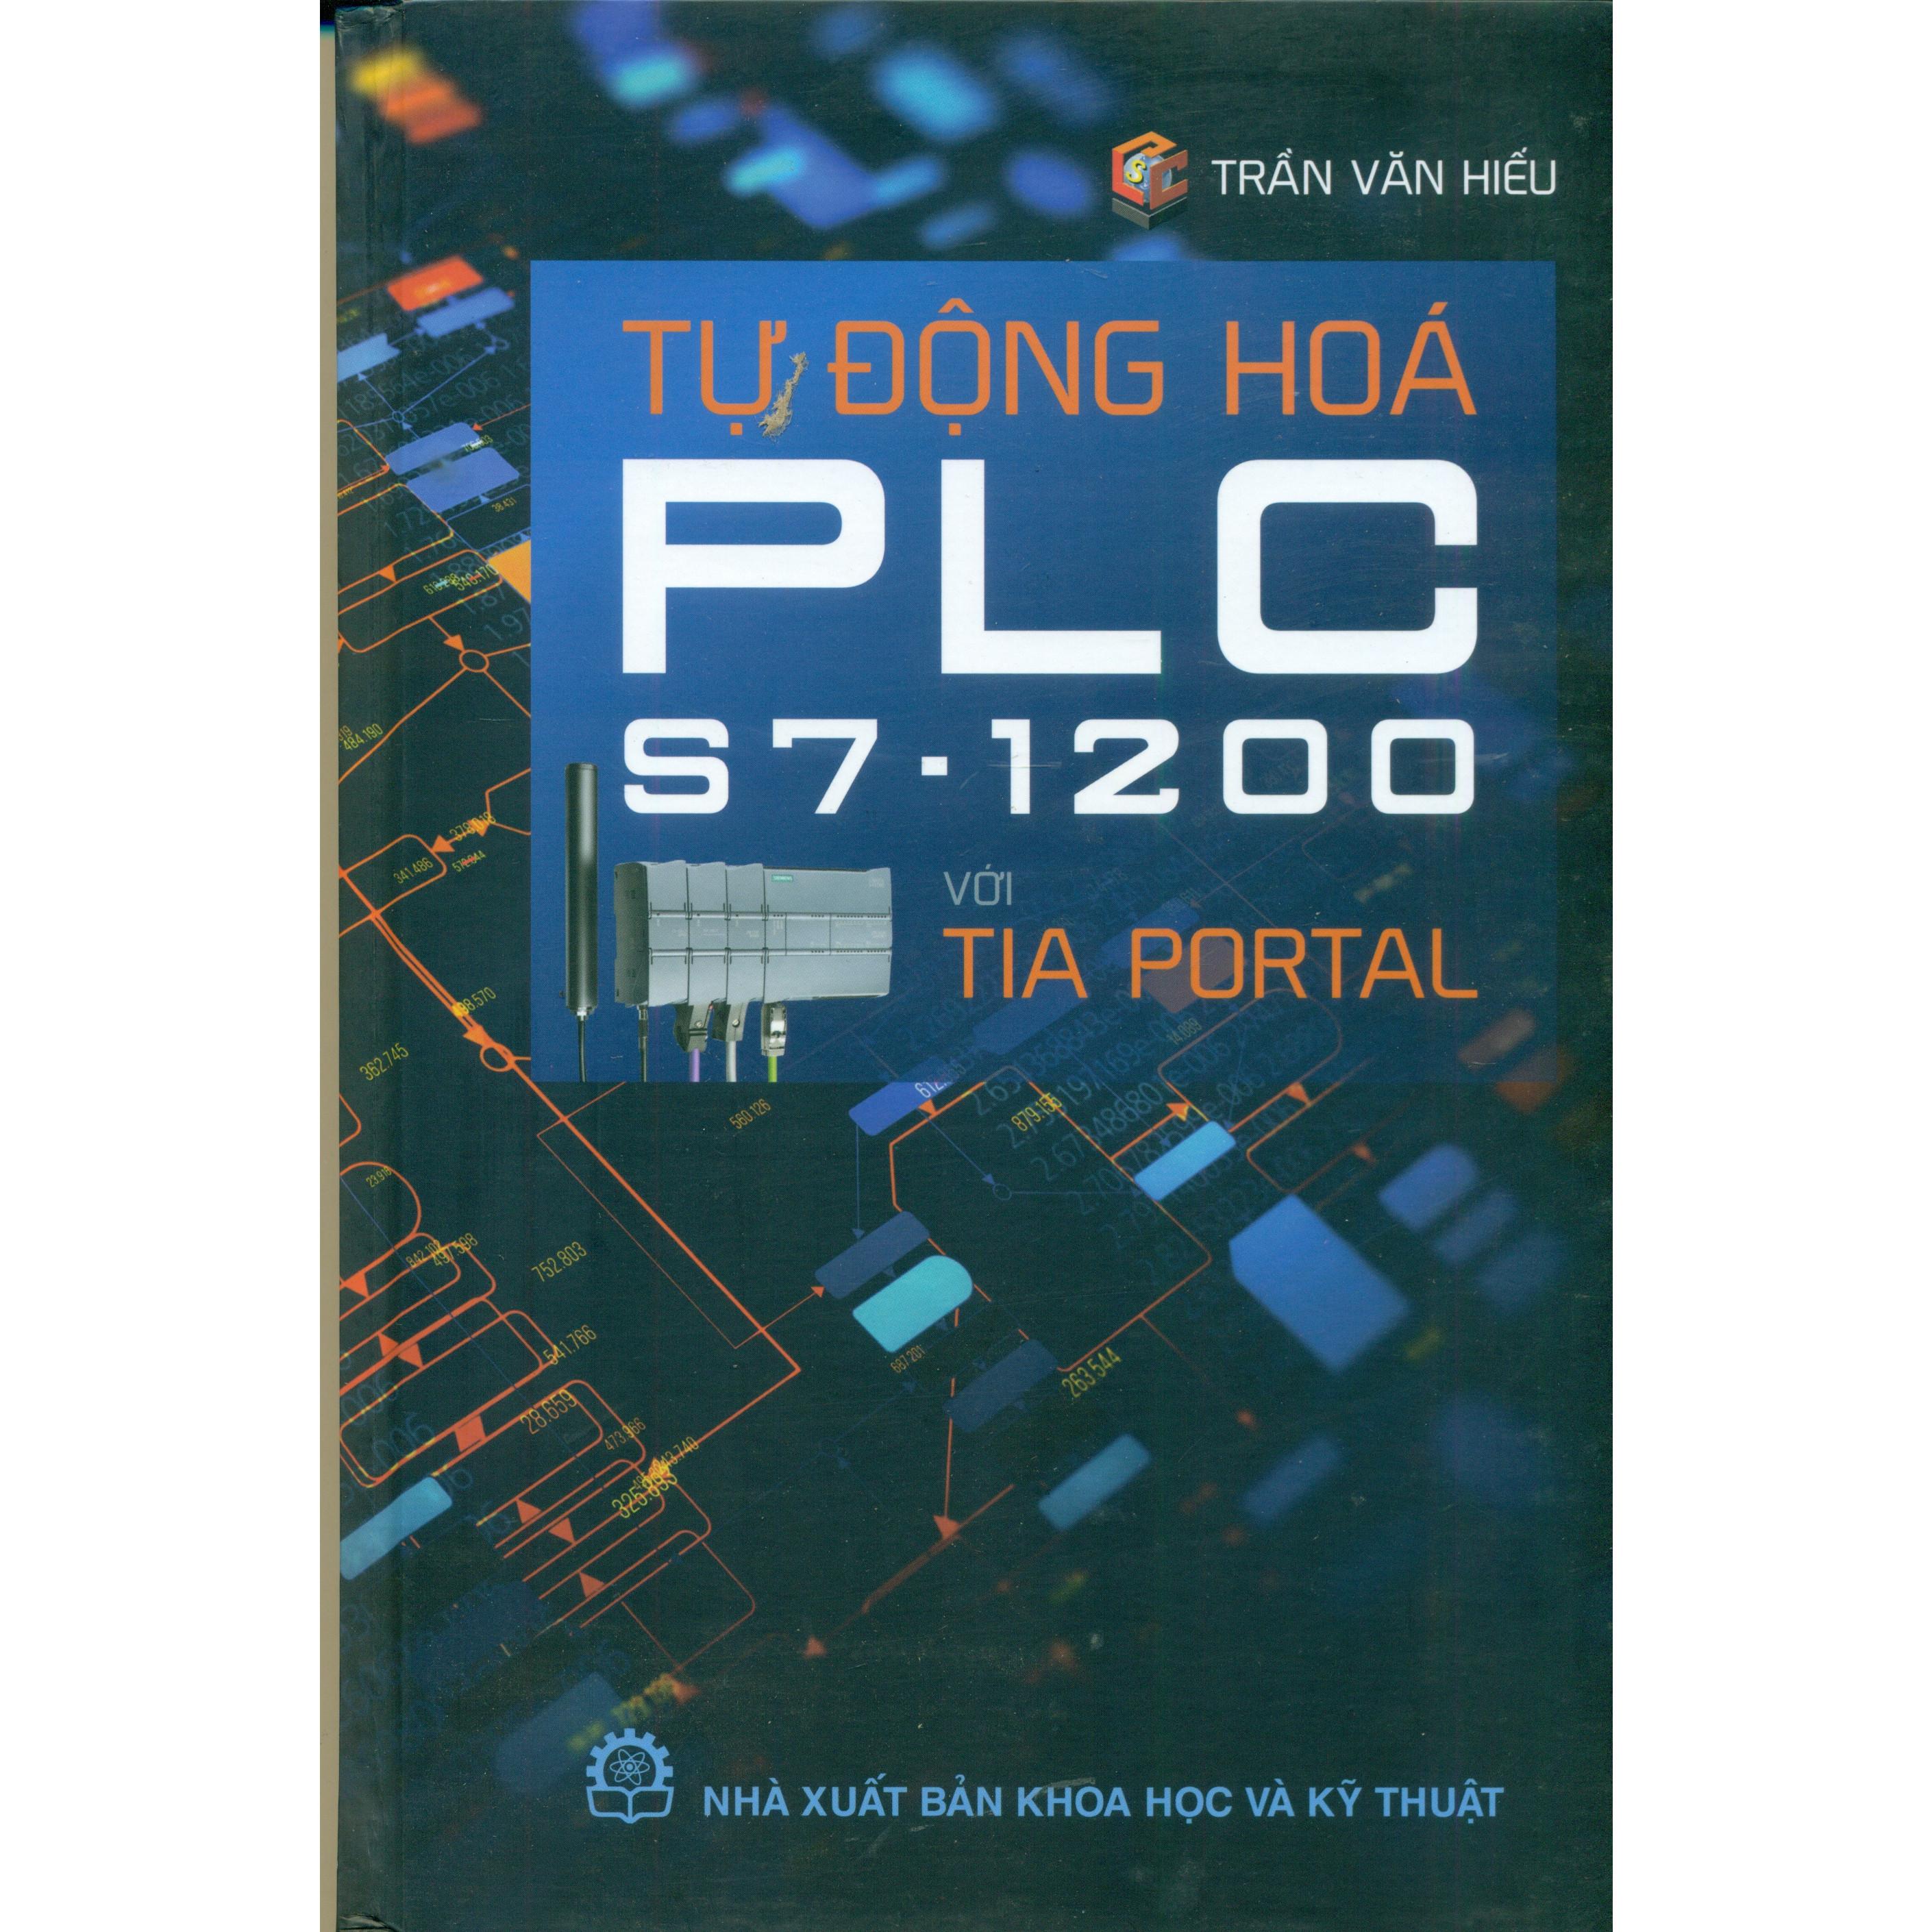 Tự động hóa PLC S7 - 1200 với tia Portal